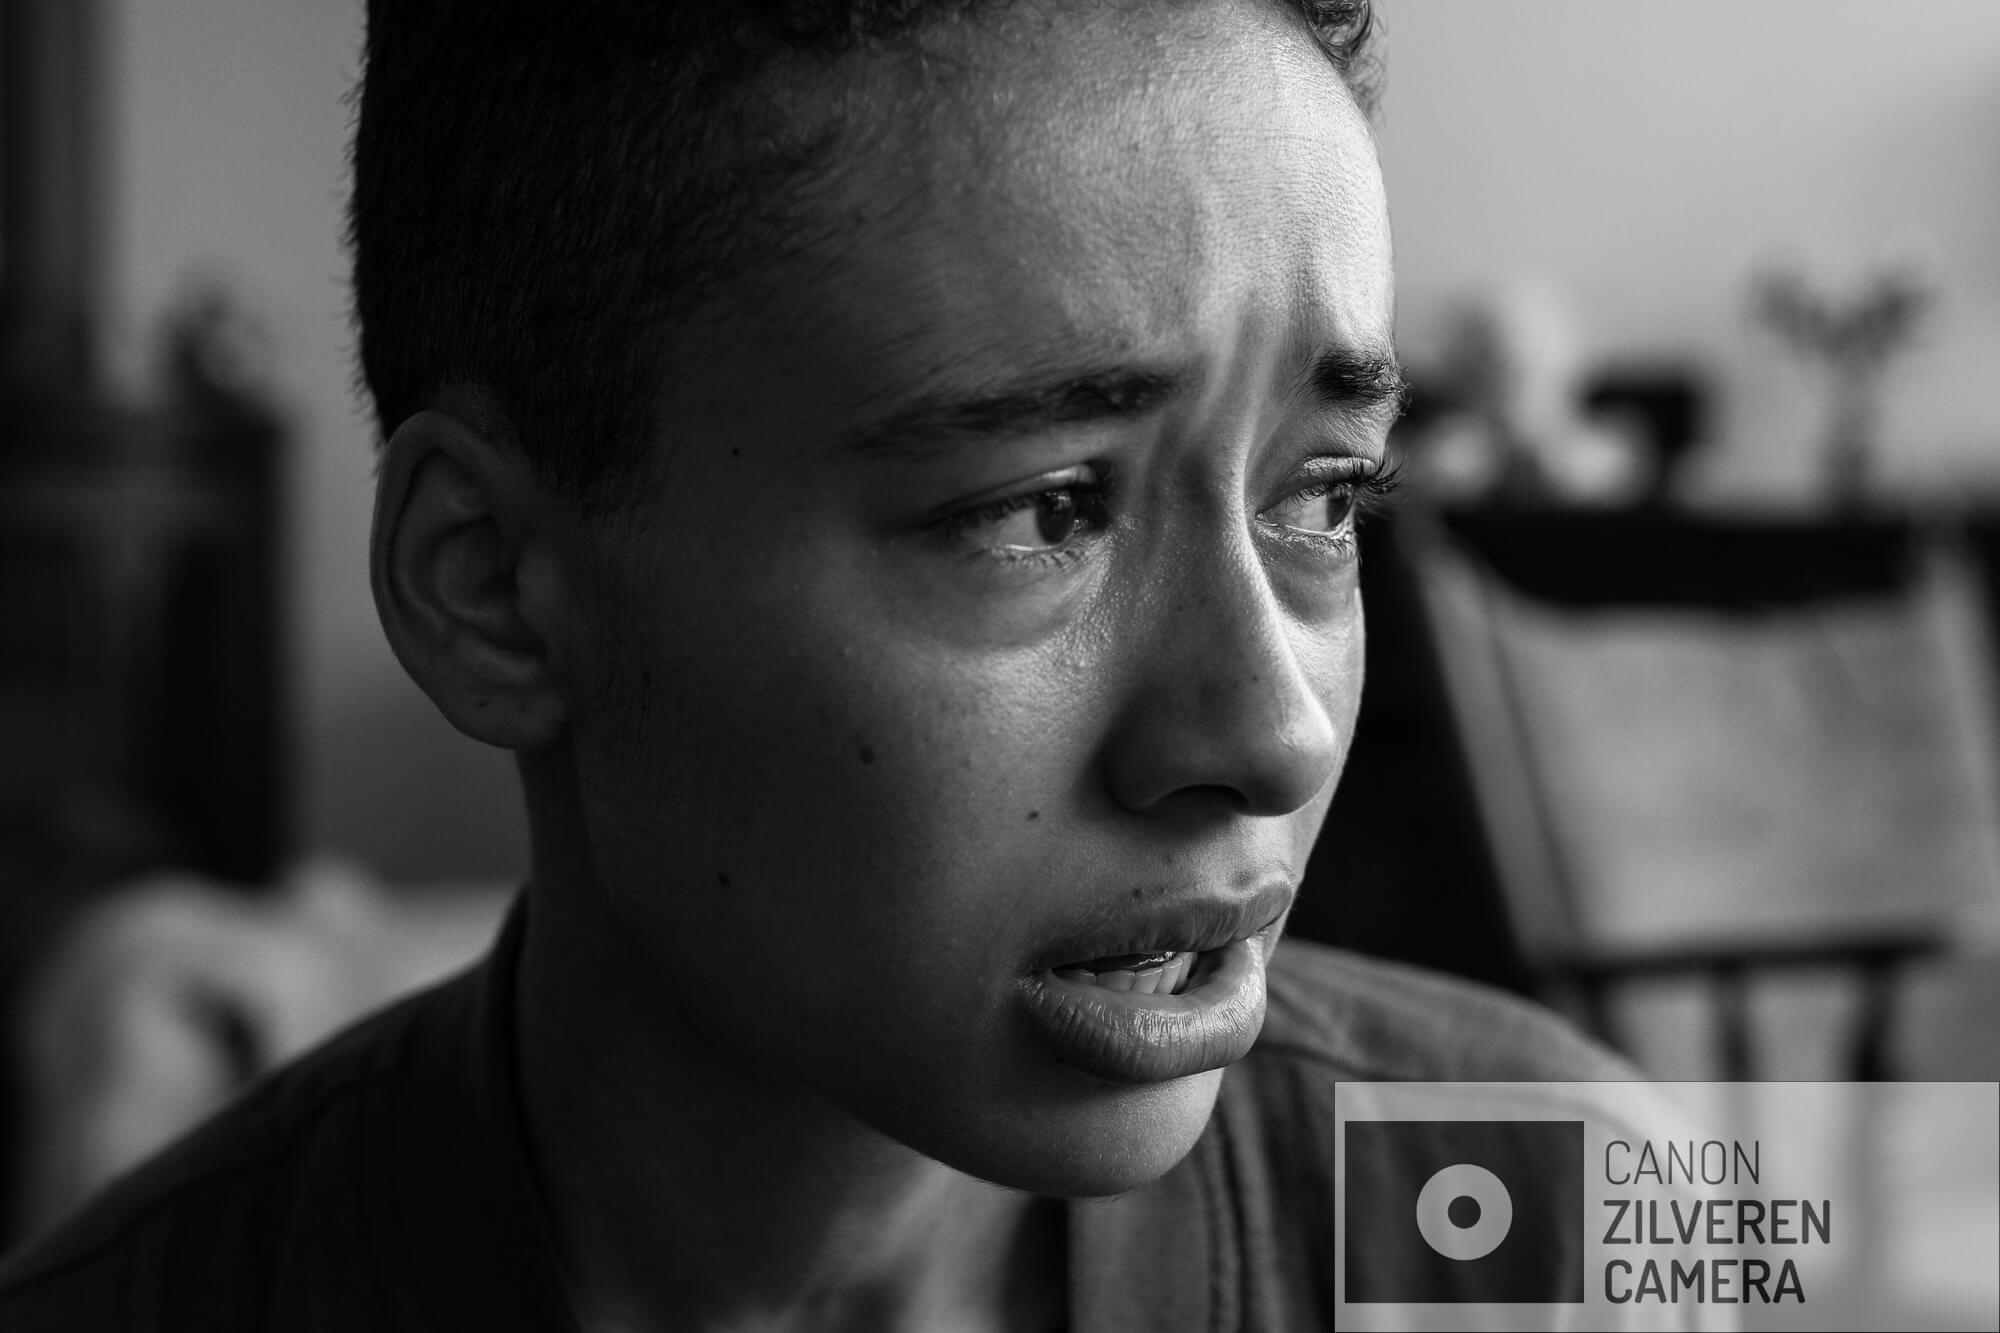 Student Nederlandse Fotovakschool wint eerste prijs documentairefotografie bij Zilveren Camera